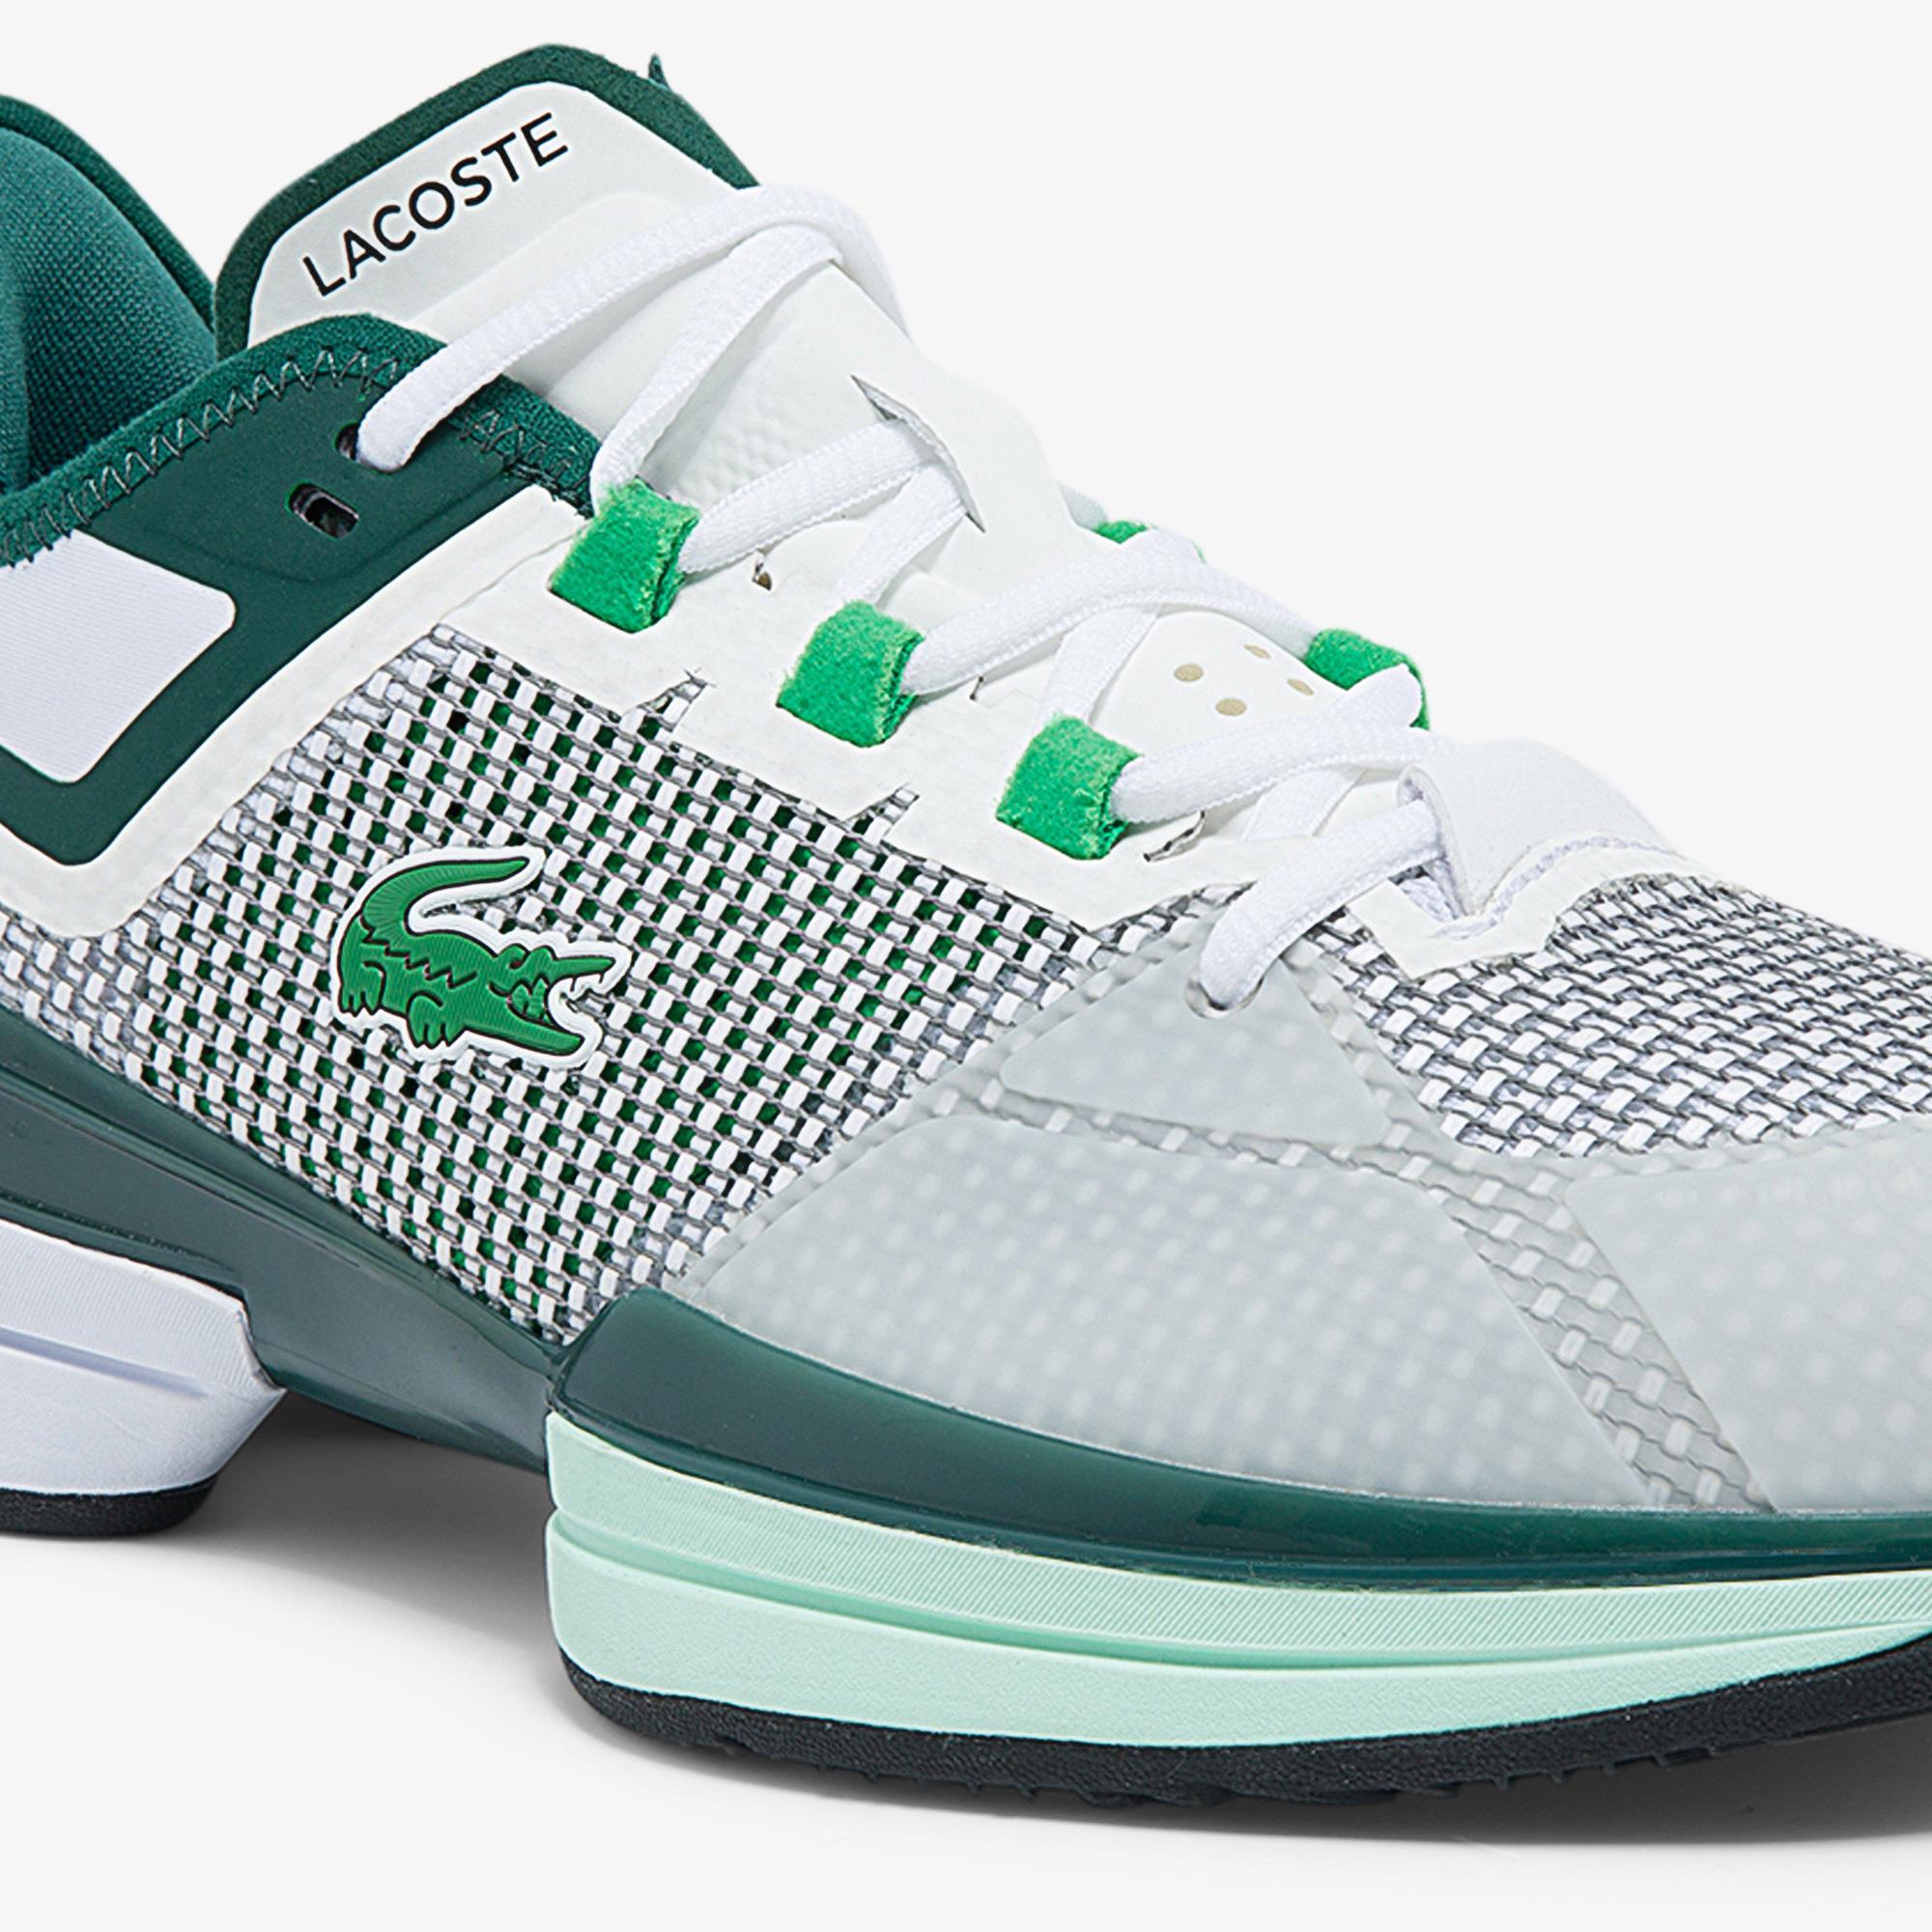 Lacoste Ag-Lt 21 Ultra 0121 1 Sma Erkek Beyaz - Yeşil Sneaker